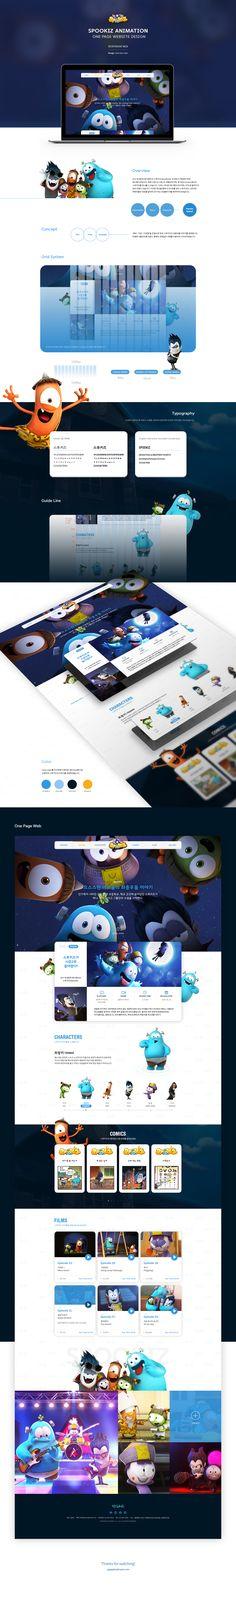 리메인 (remain) 수강생 웹 디자인 포트폴리오. / UX, UI, design, bx, mricro site, mricrosite, 웹 디자인, 웹 포트폴리오, 마이크로 사이트, 쇼핑몰 디자인, 기업 사이트 / 리메인 작품은 모두 수강생 작품 입니다. www.remain.co.kr Web Layout, Layout Design, Site Design, App Design, Presentation Layout, Wordpress Theme Design, Web Design Services, Web Design Inspiration, Landing